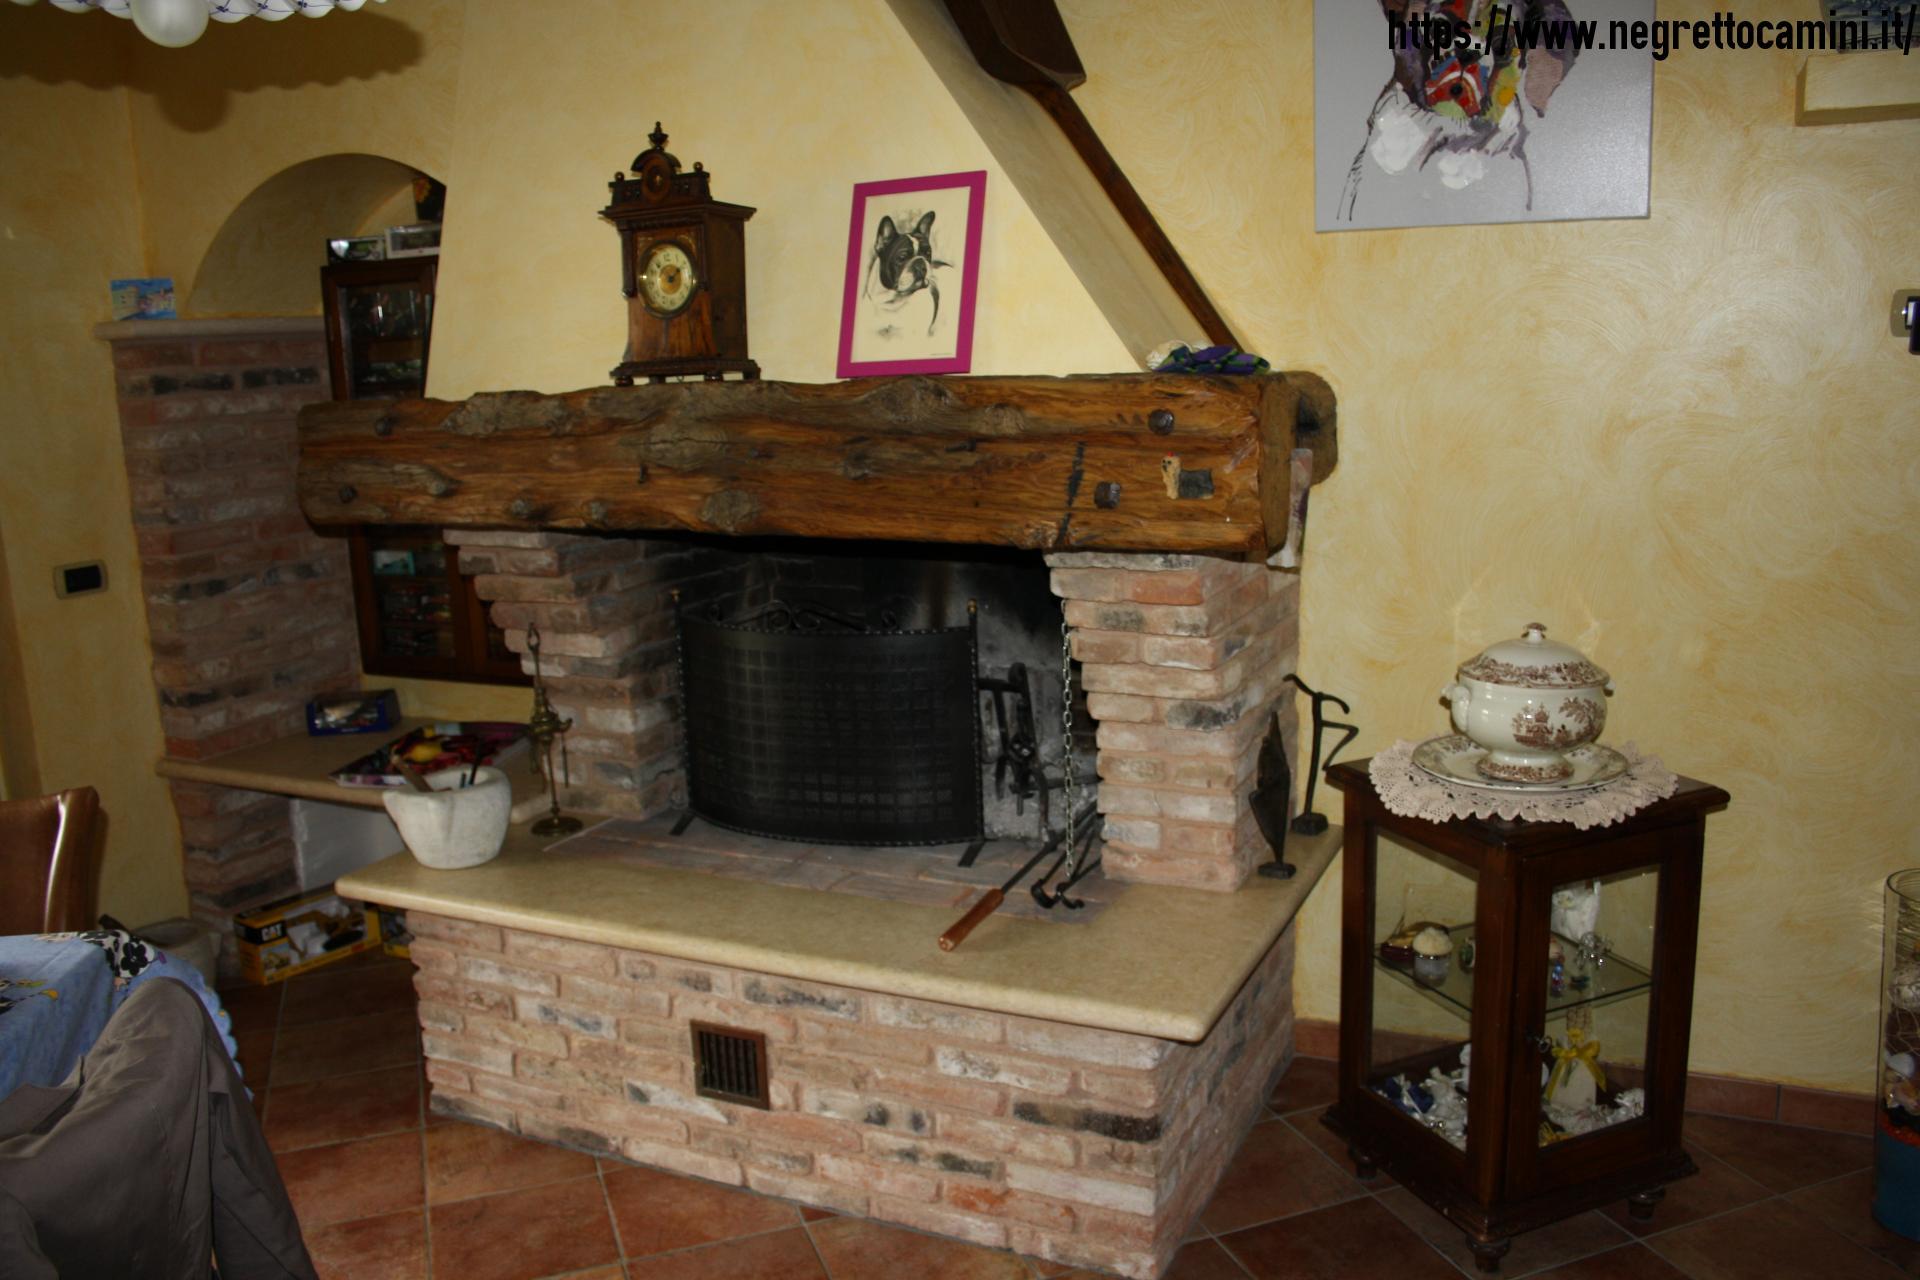 Camino rustico da taverna negretto camini d 39 autore - Camini rustici in pietra e legno ...